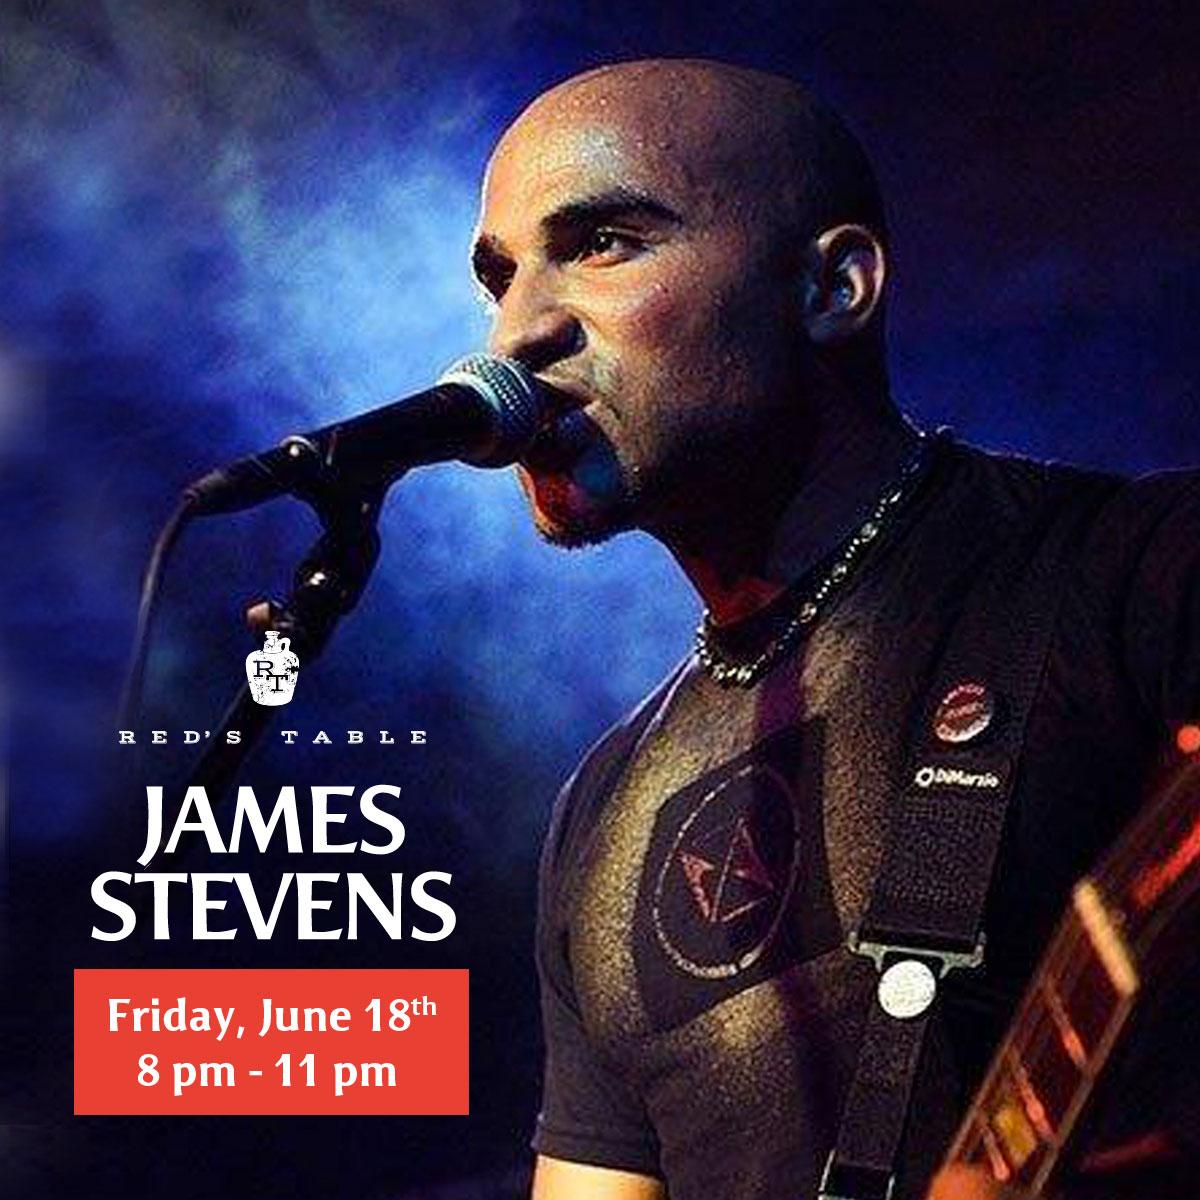 Post-James-Stevens